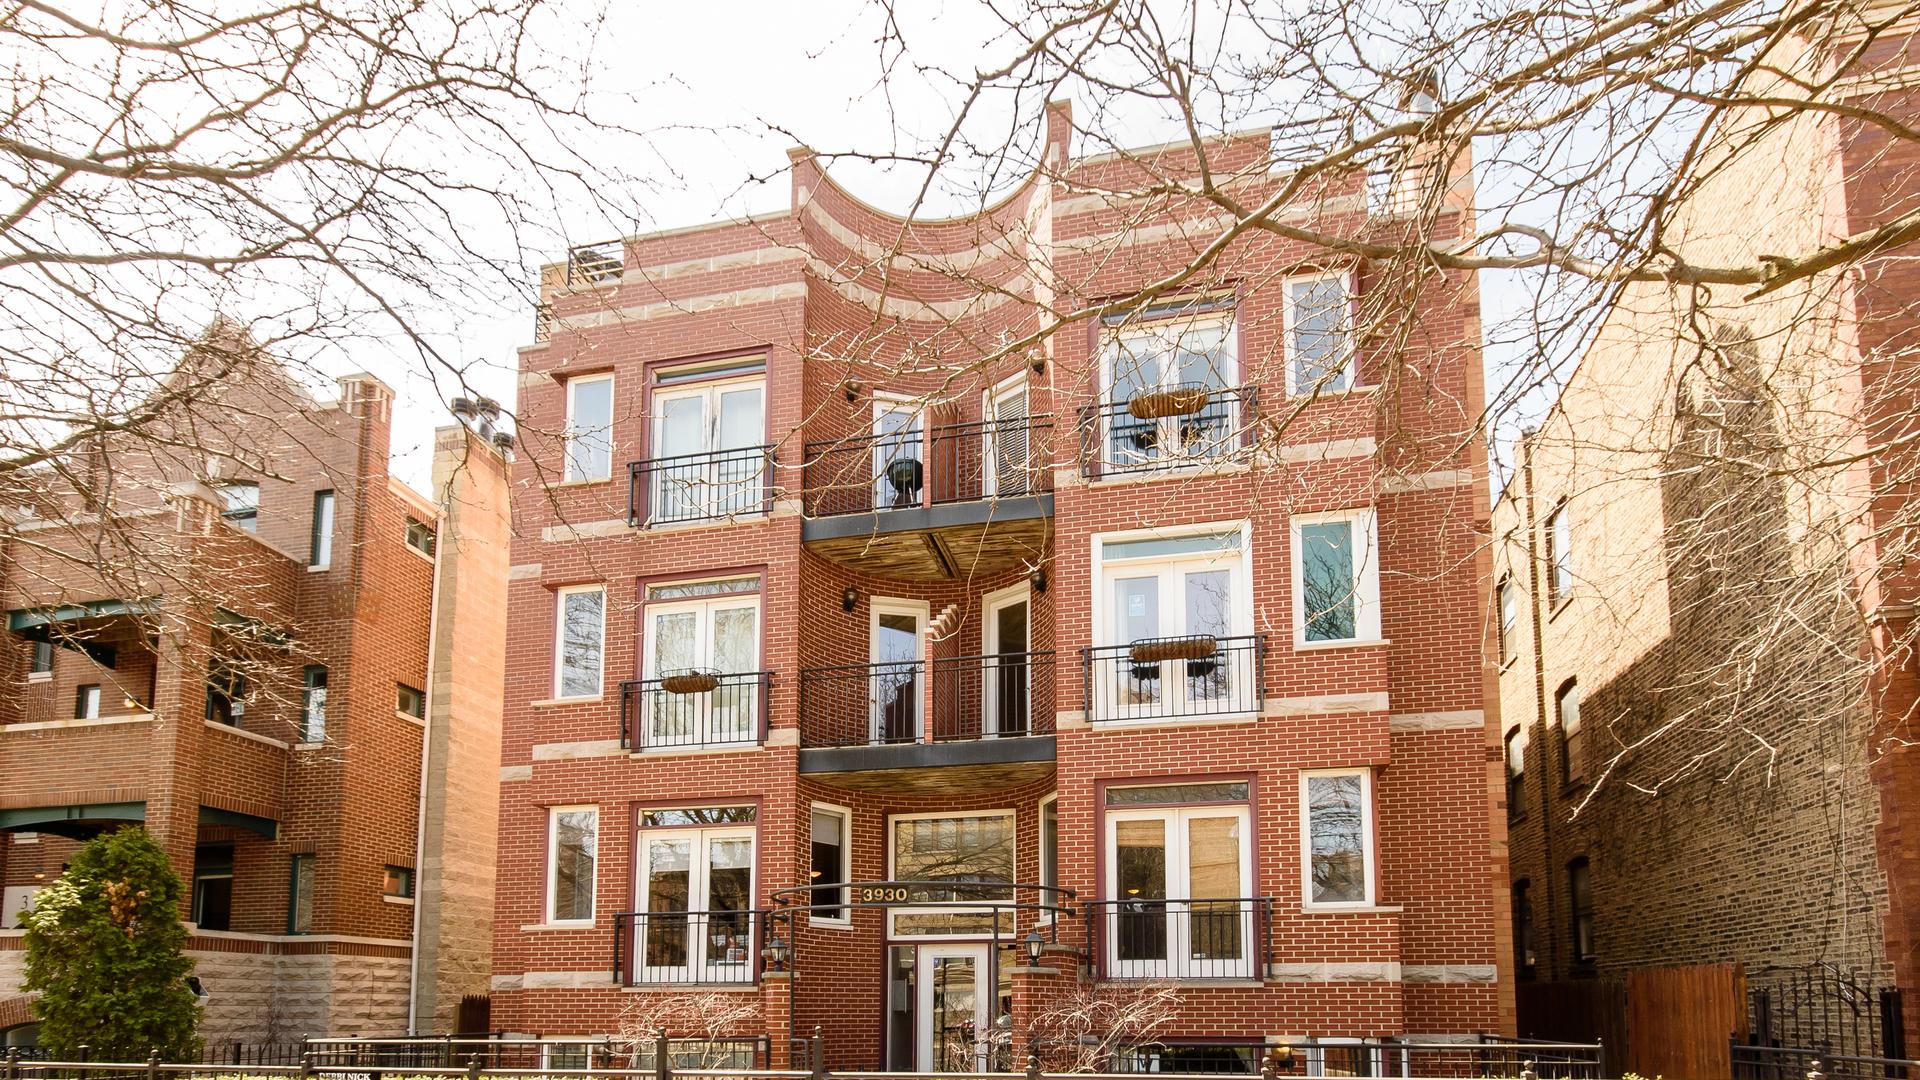 3930 North Southport Avenue, Chicago, IL 60613